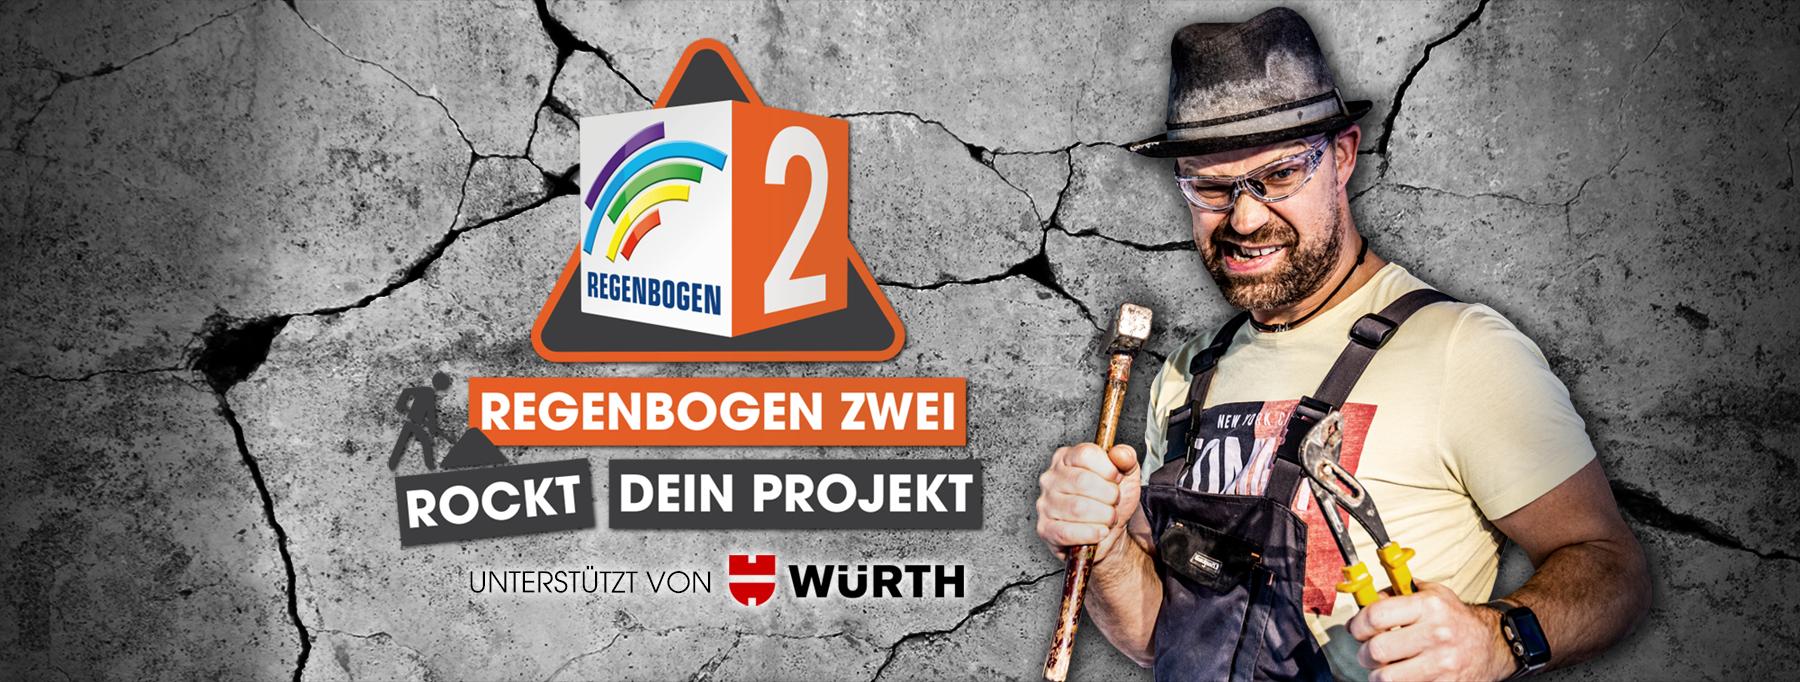 R2RocktDeinProjekt-2019.png